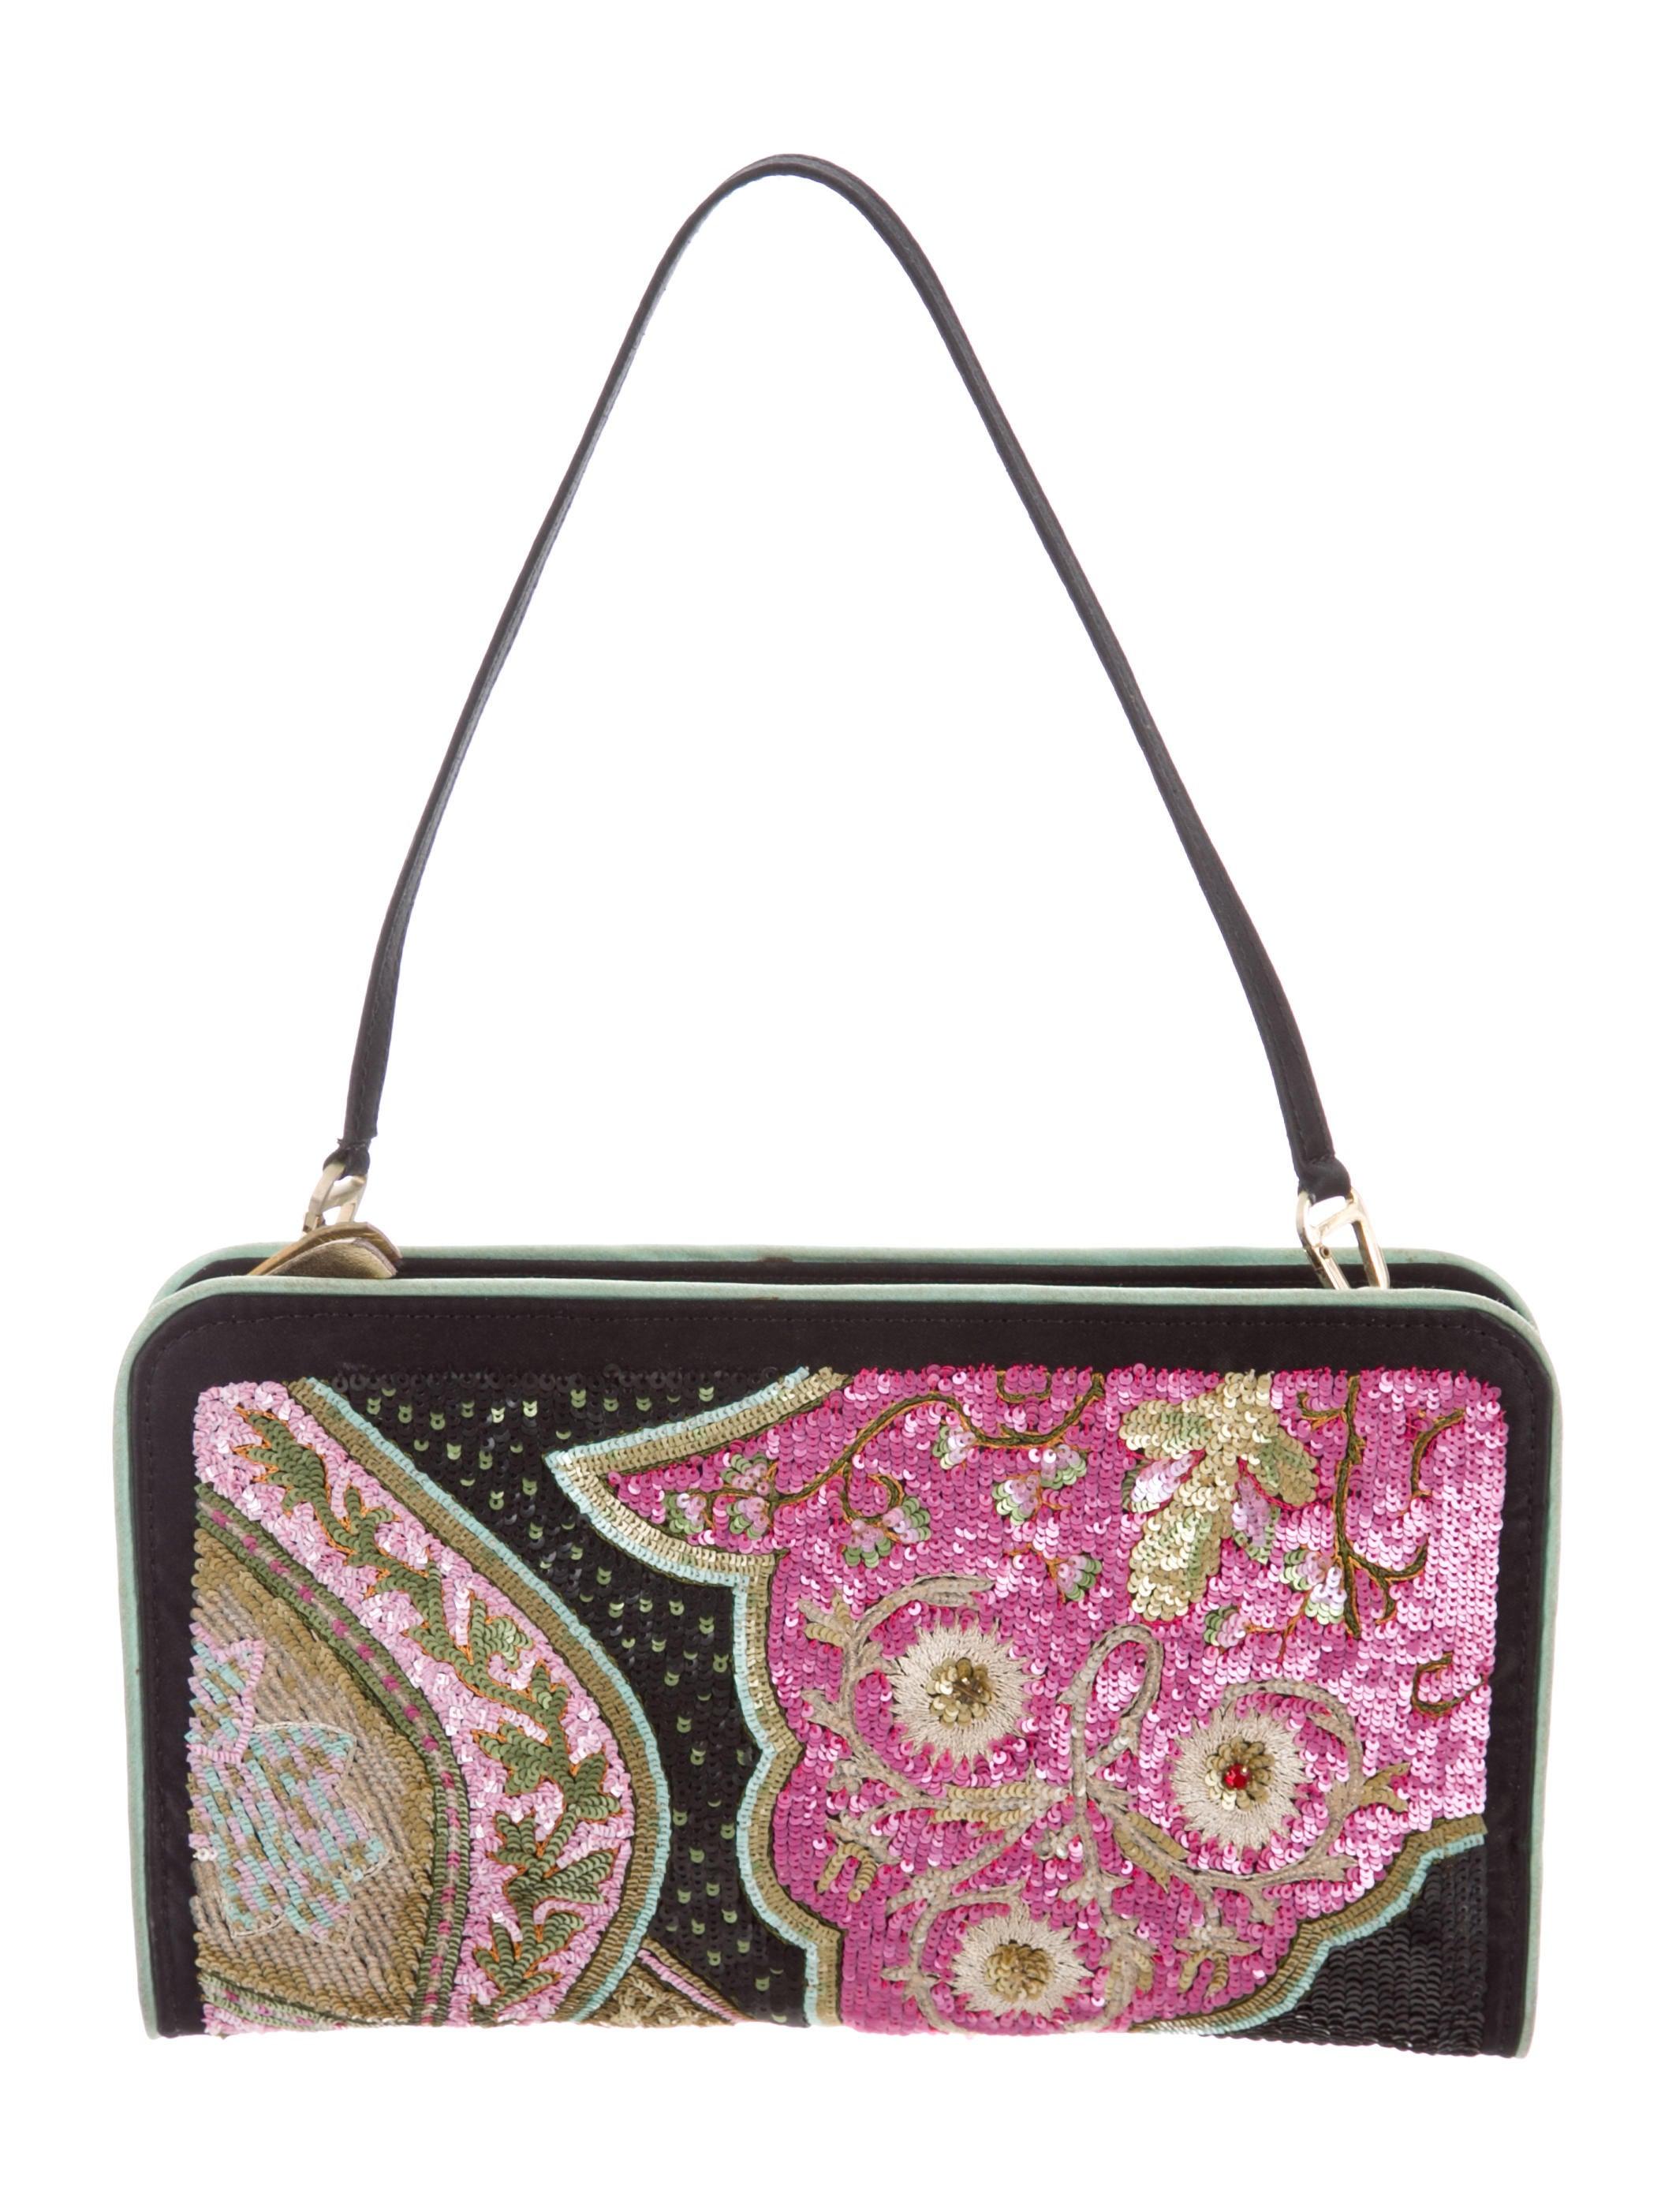 2098905df4 Etro Sequin-Embellished Shoulder Bag - Handbags - ETR60699